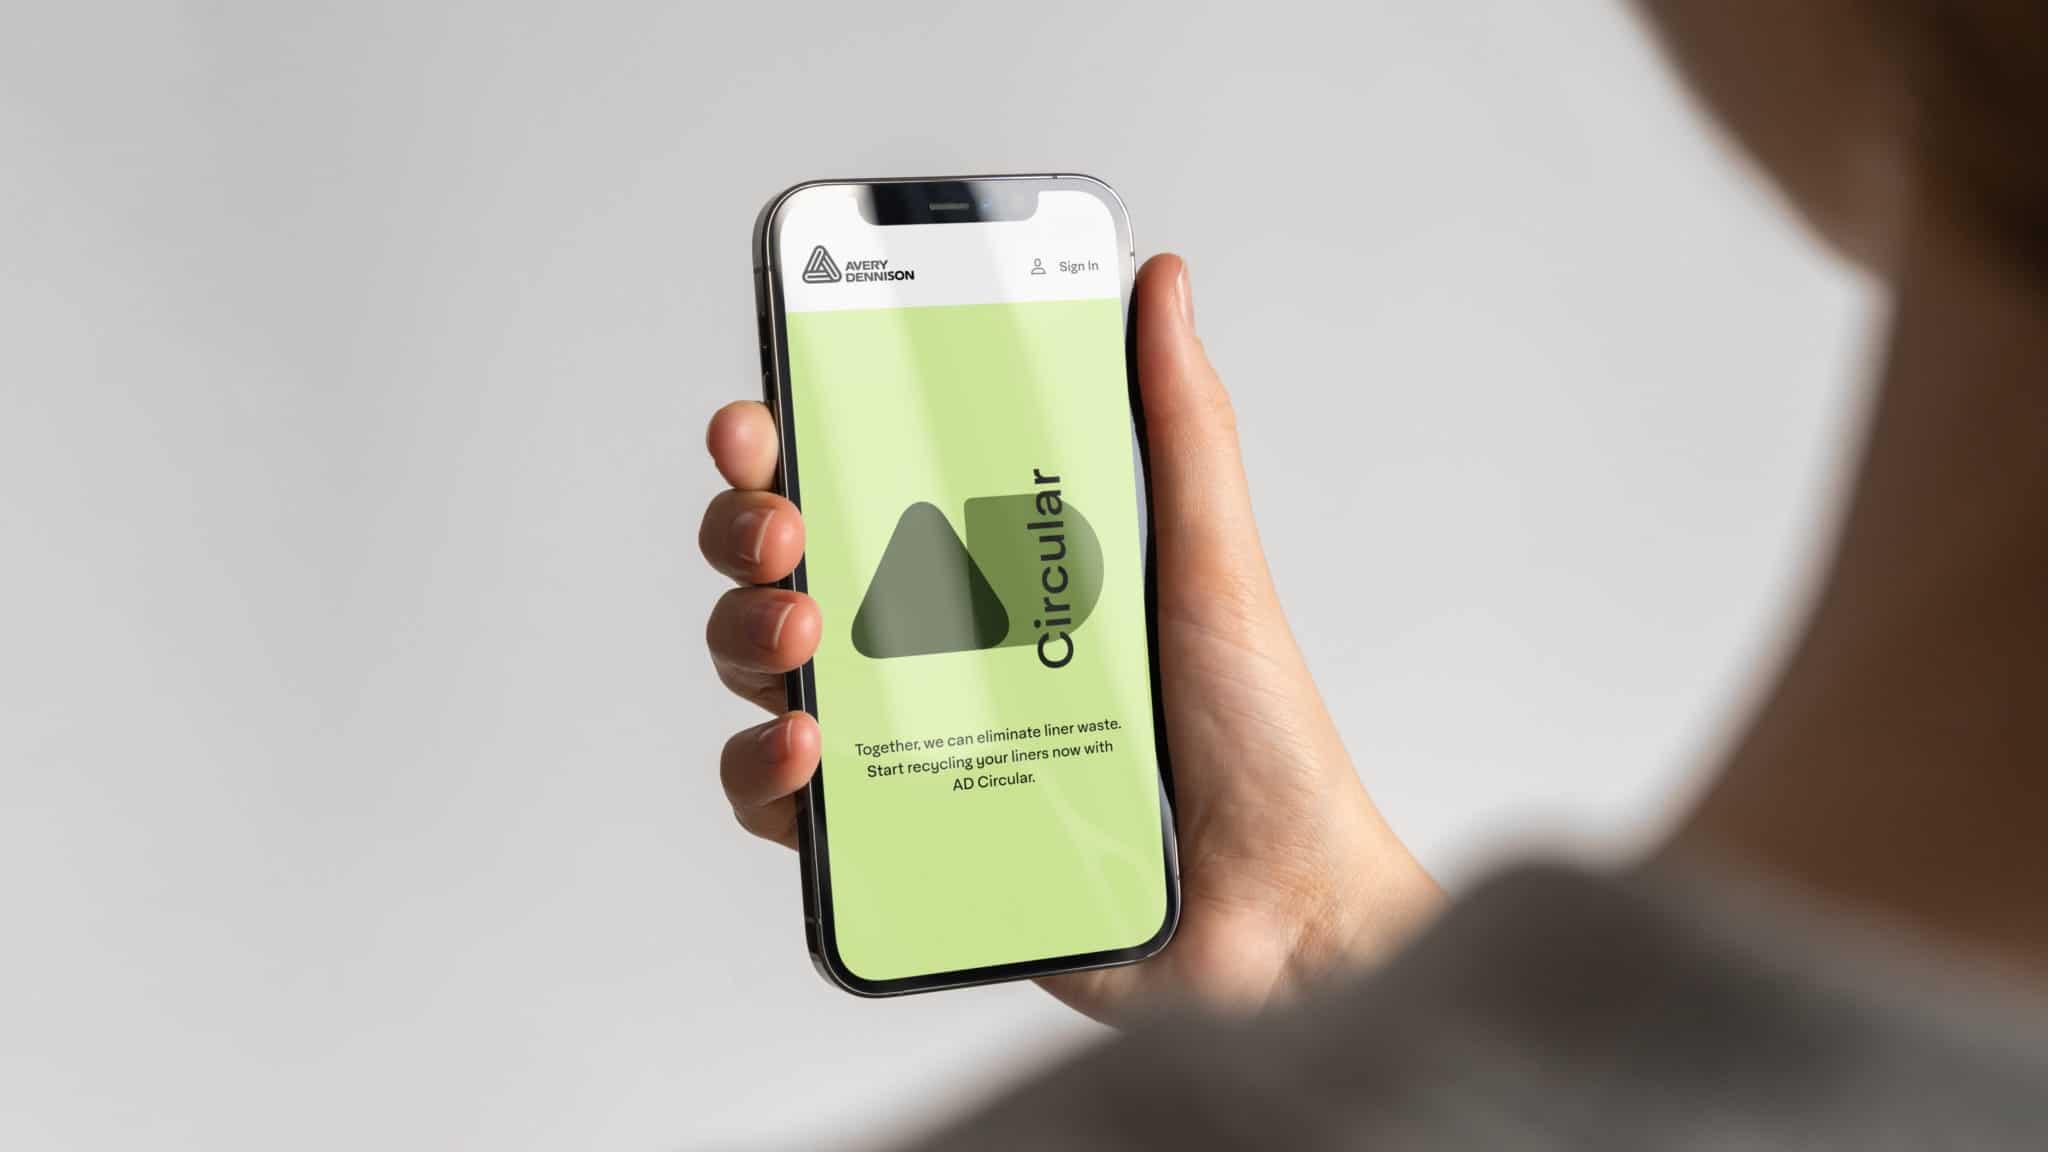 Avery Dennison startet europäisches Recyclingprogramm für Etikettenträgermaterialien (Quelle: Avery Dennison)